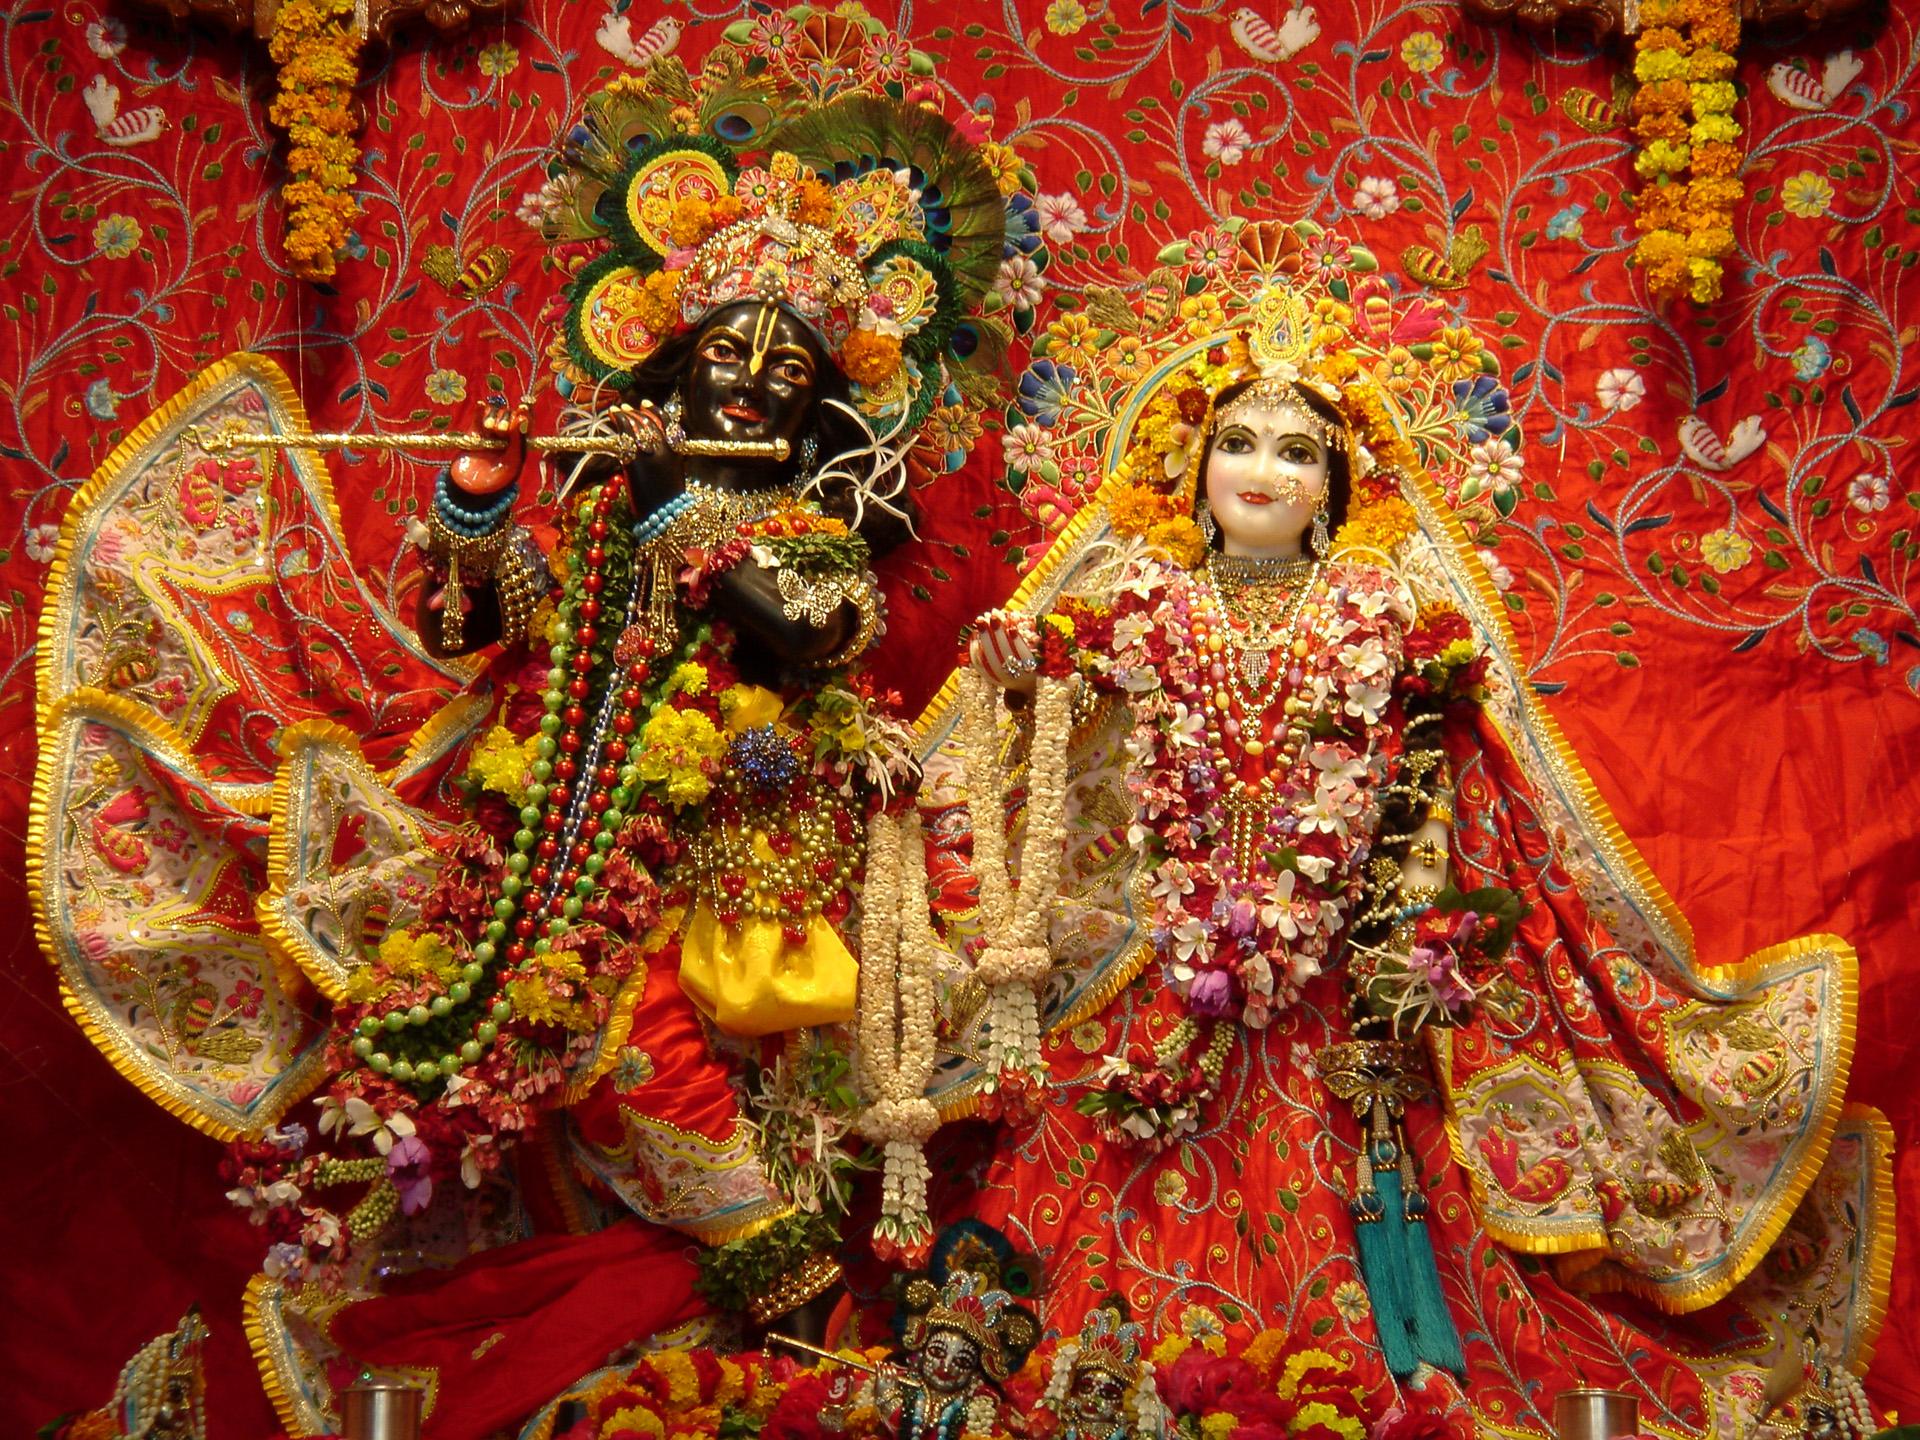 Radha Krishna - Wikipedia